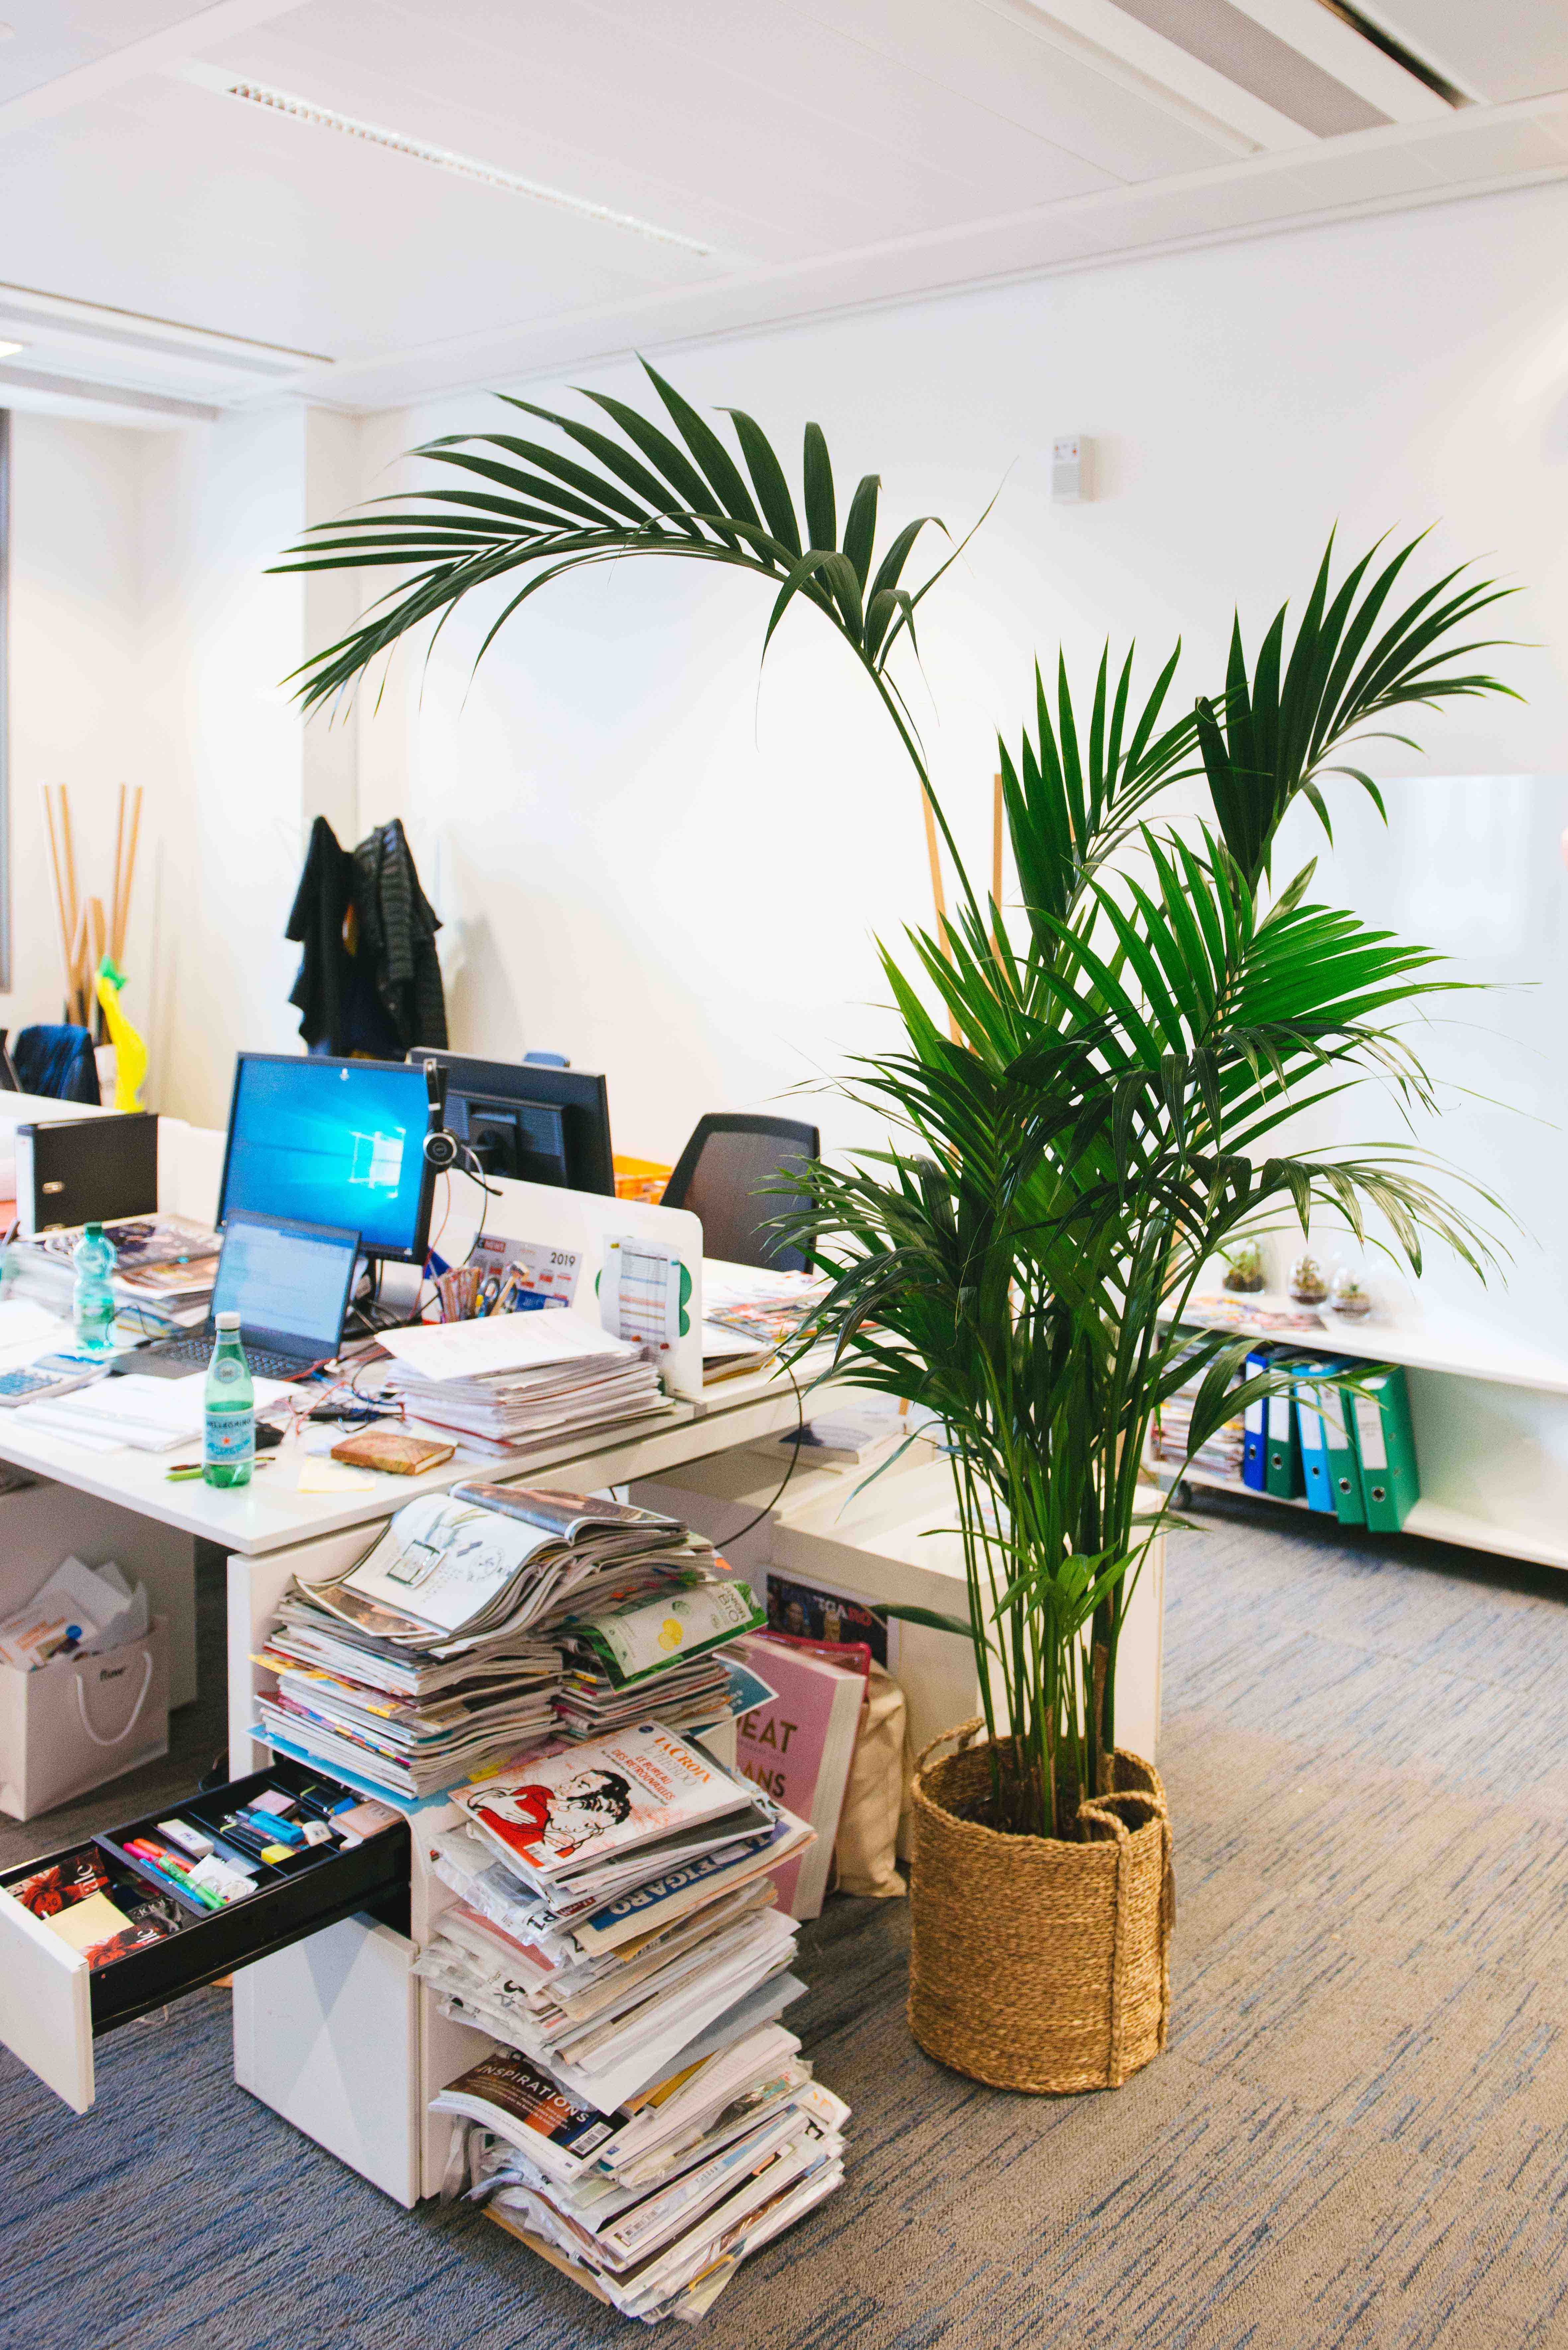 végétalisation bureau commerce paris sweet jungle palmier